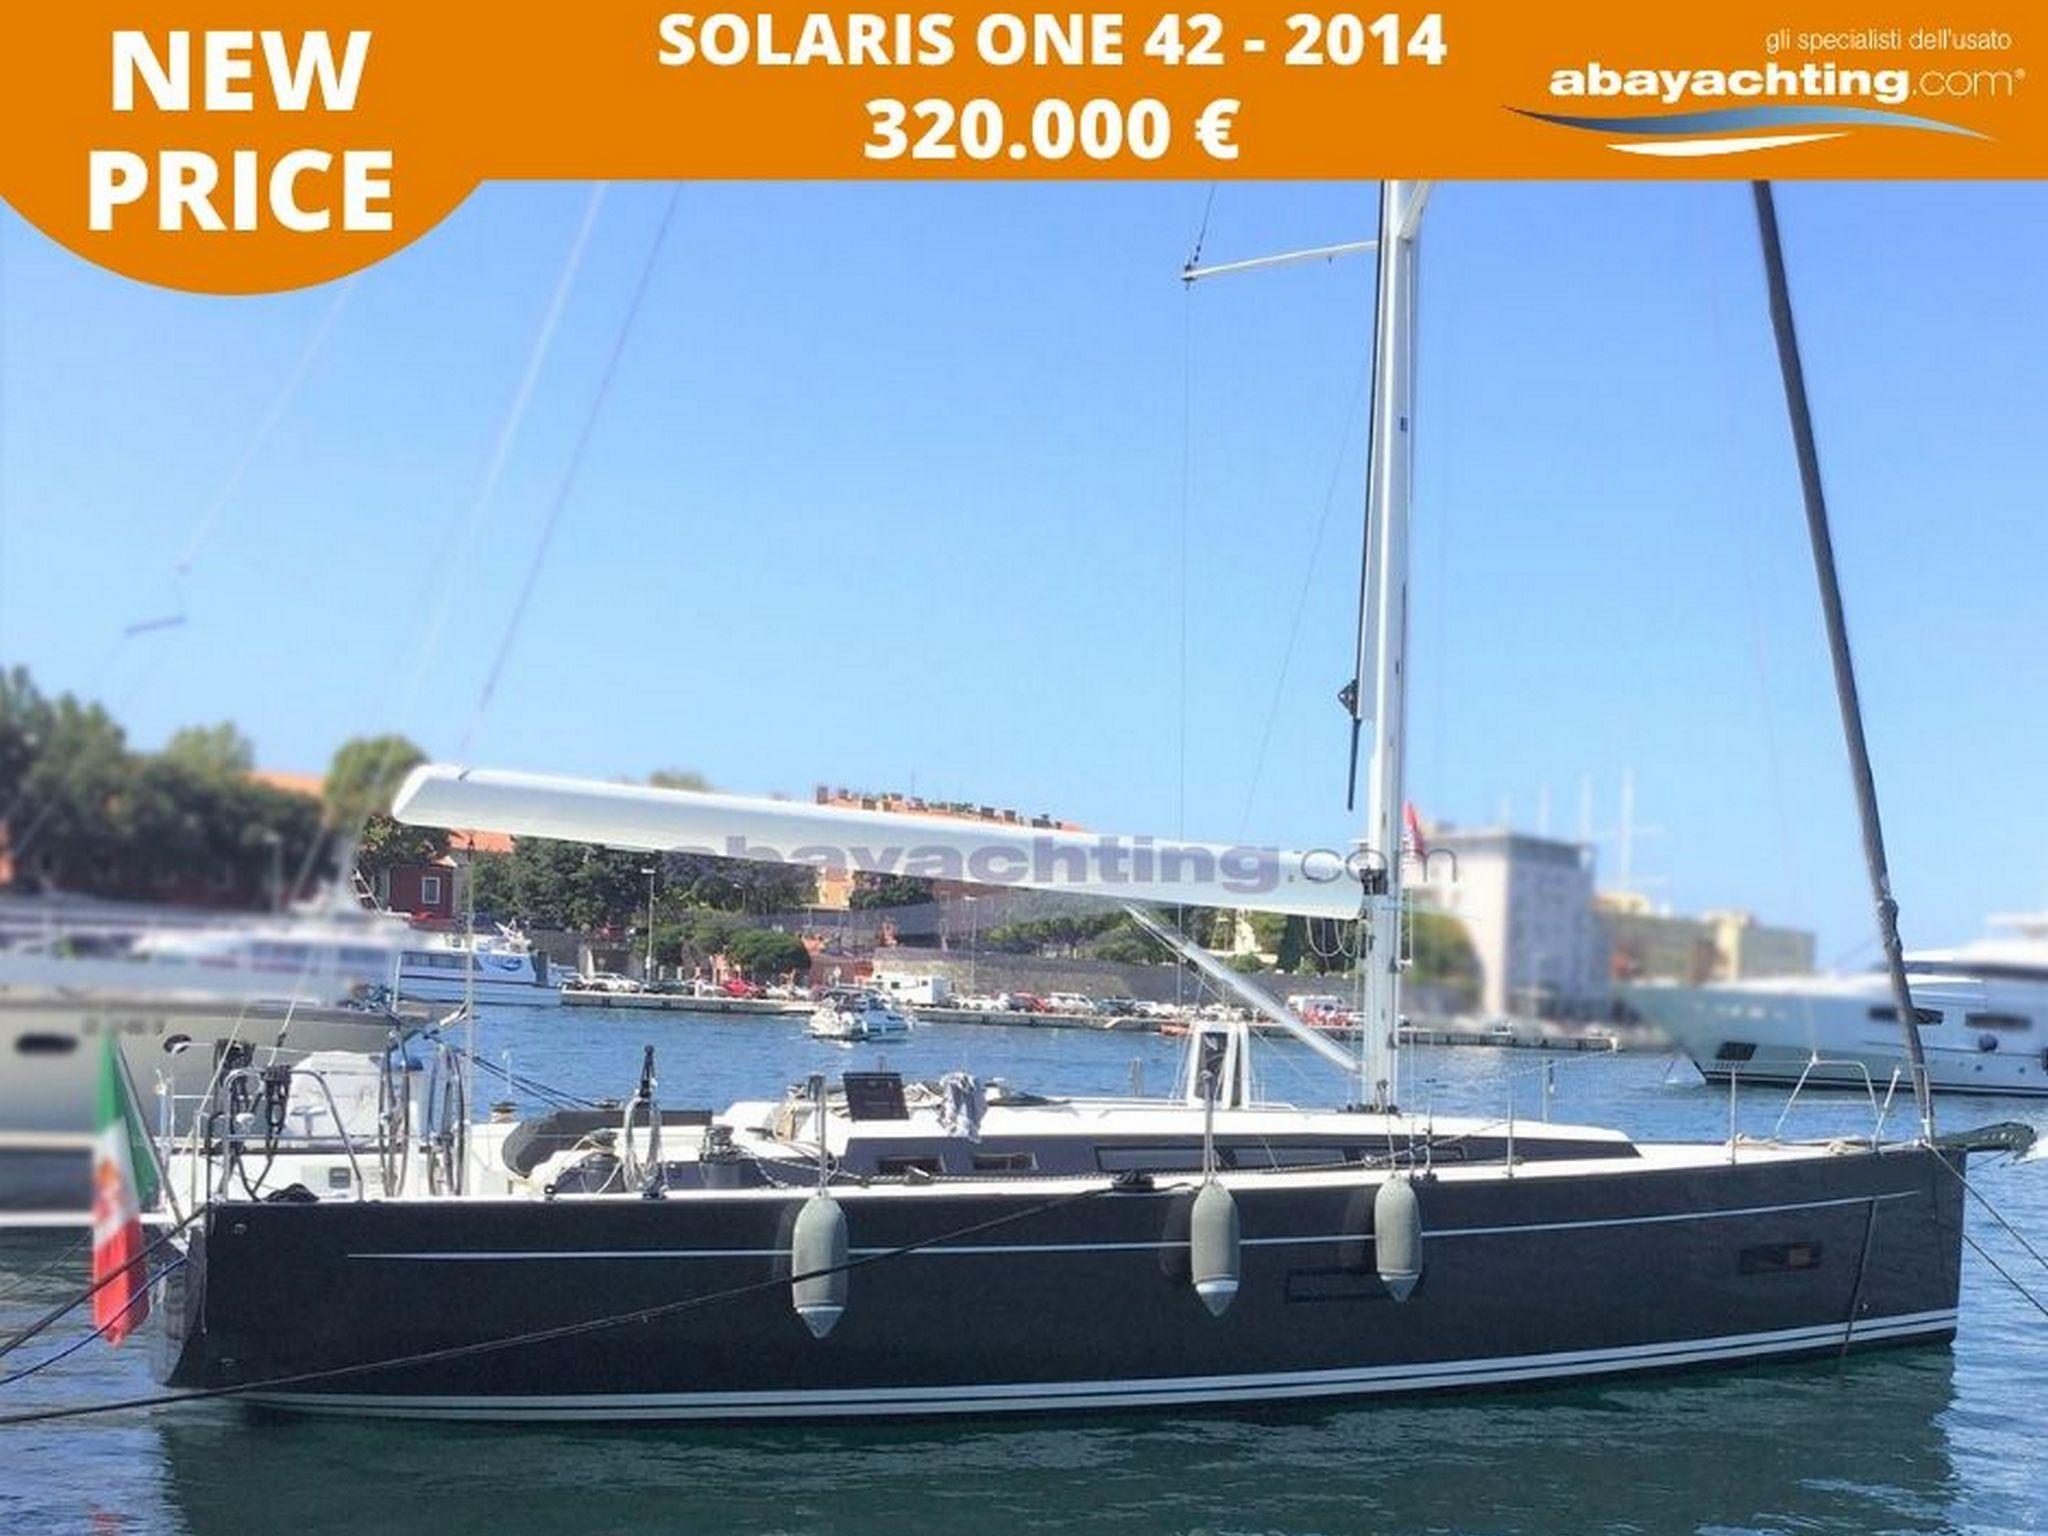 Riduzione di prezzo Solaris One 42